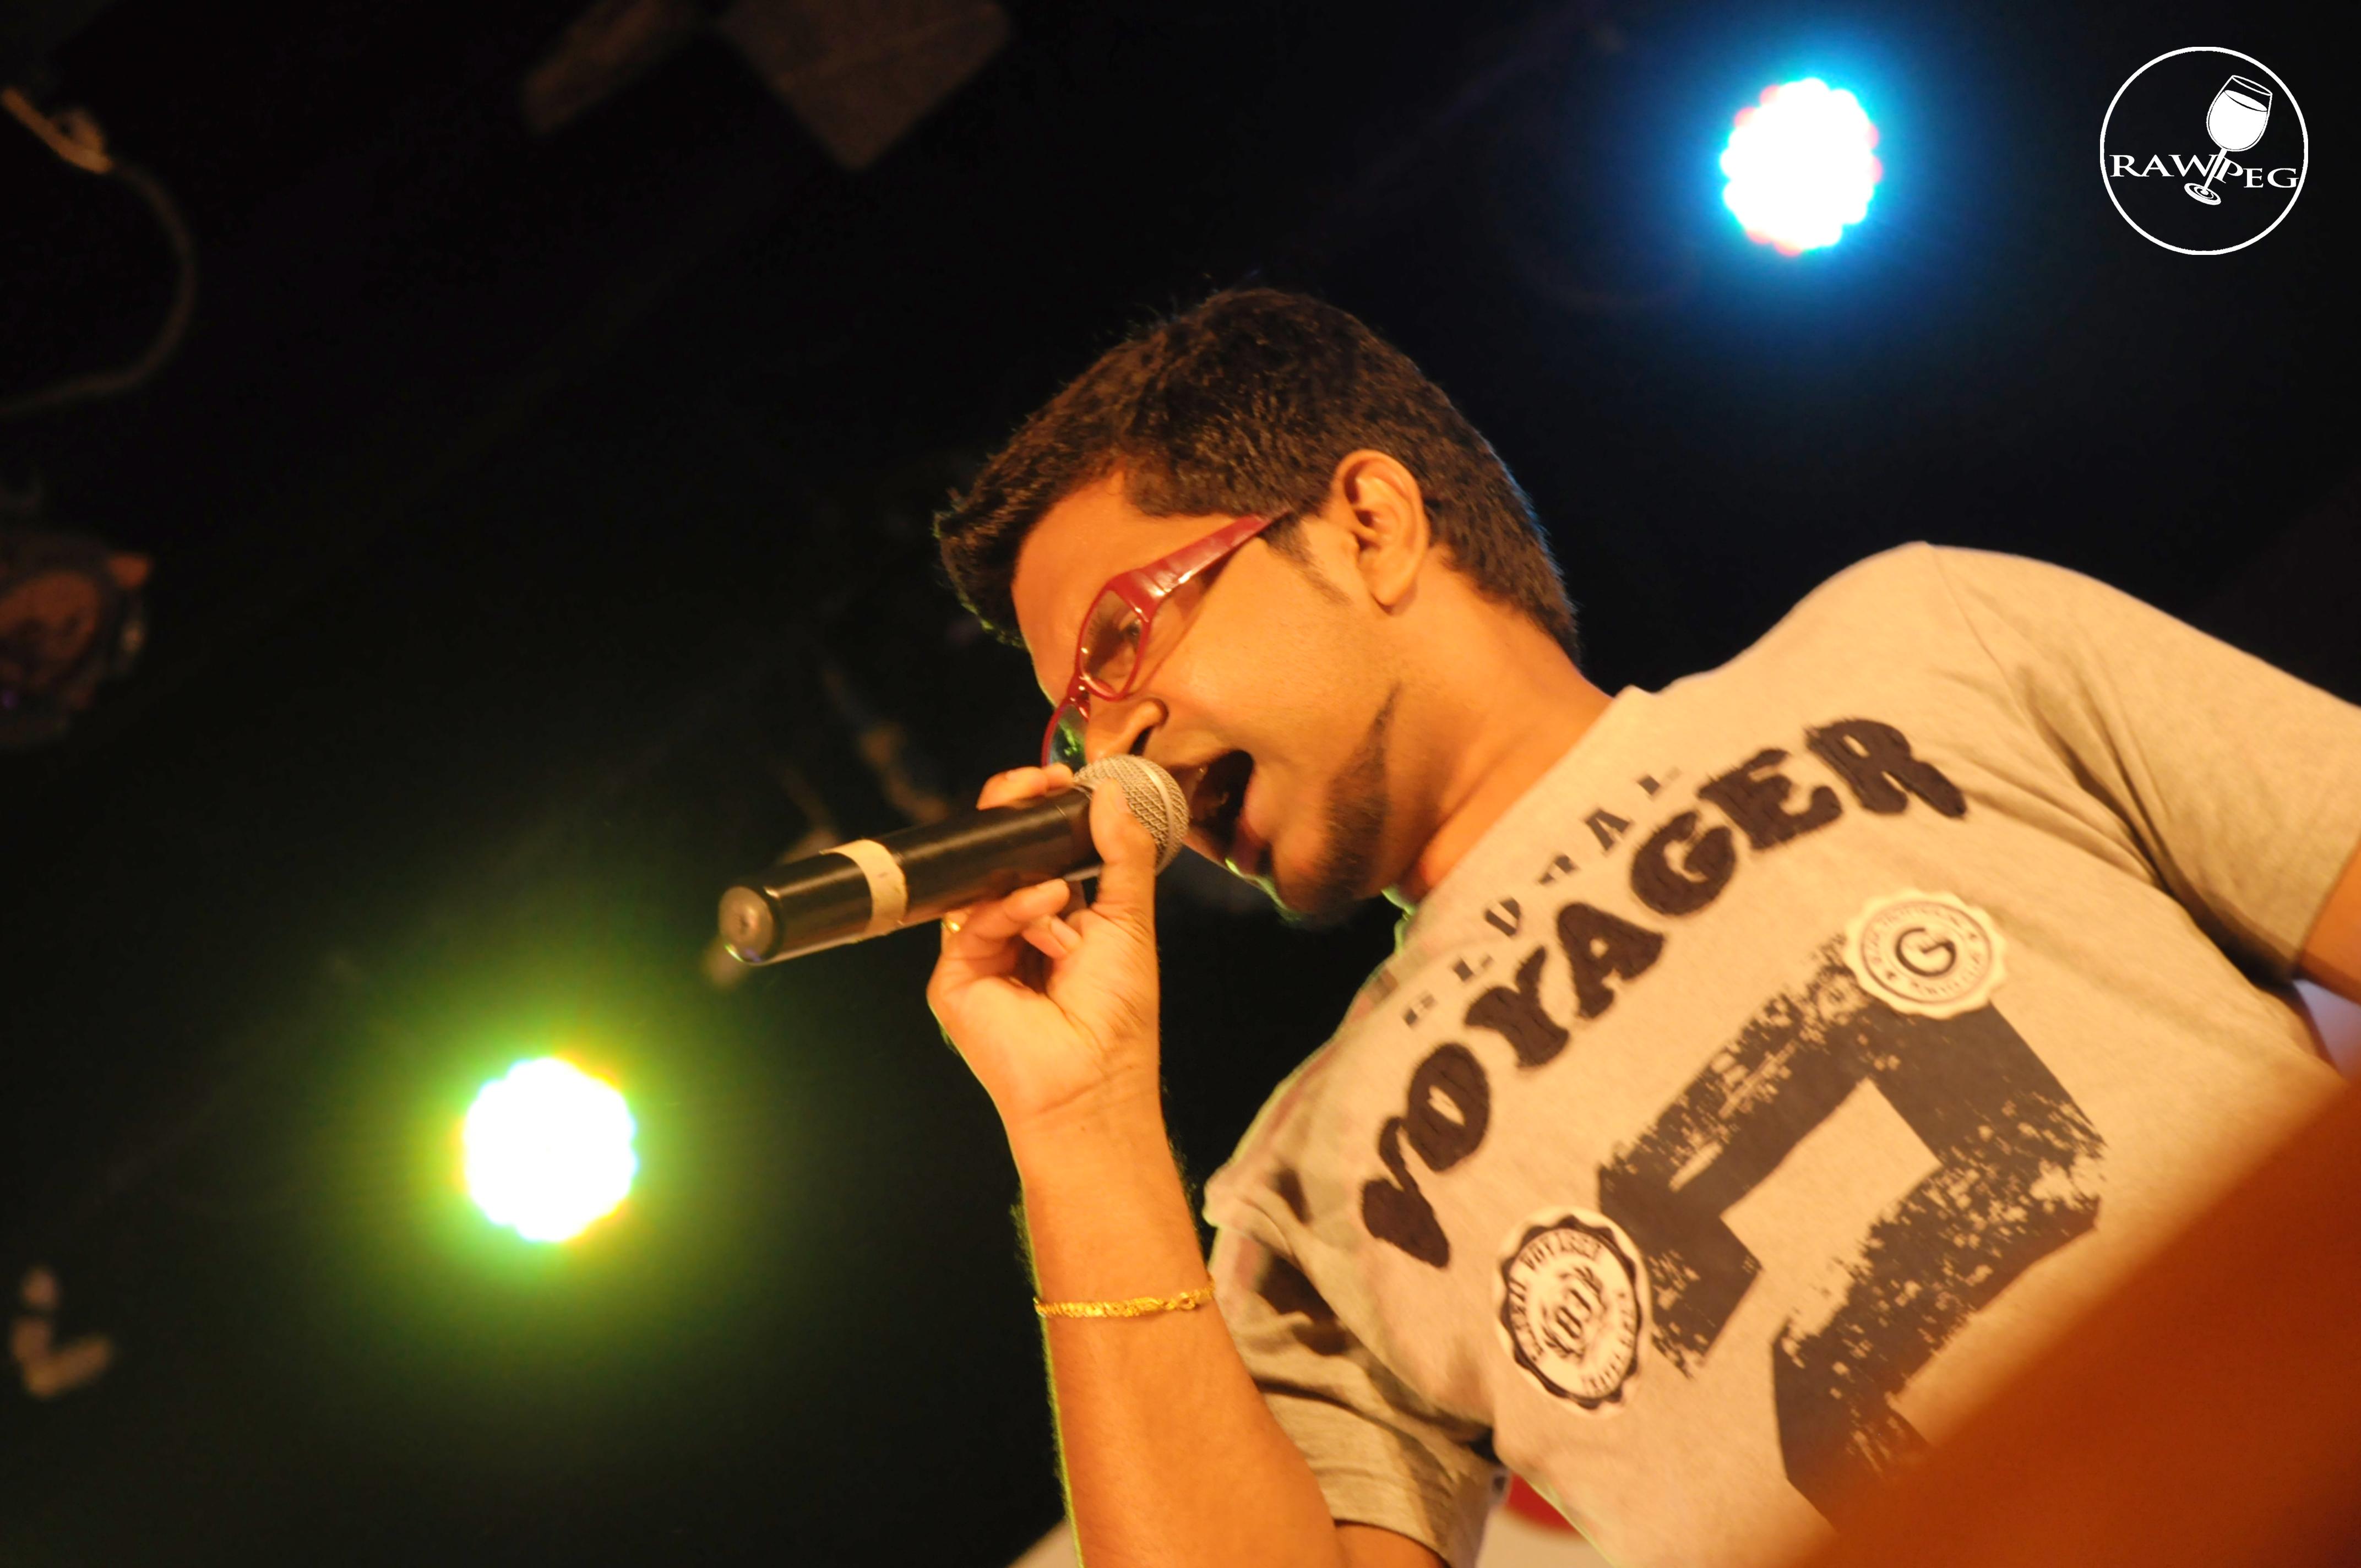 #rawpegstudio#singer#event